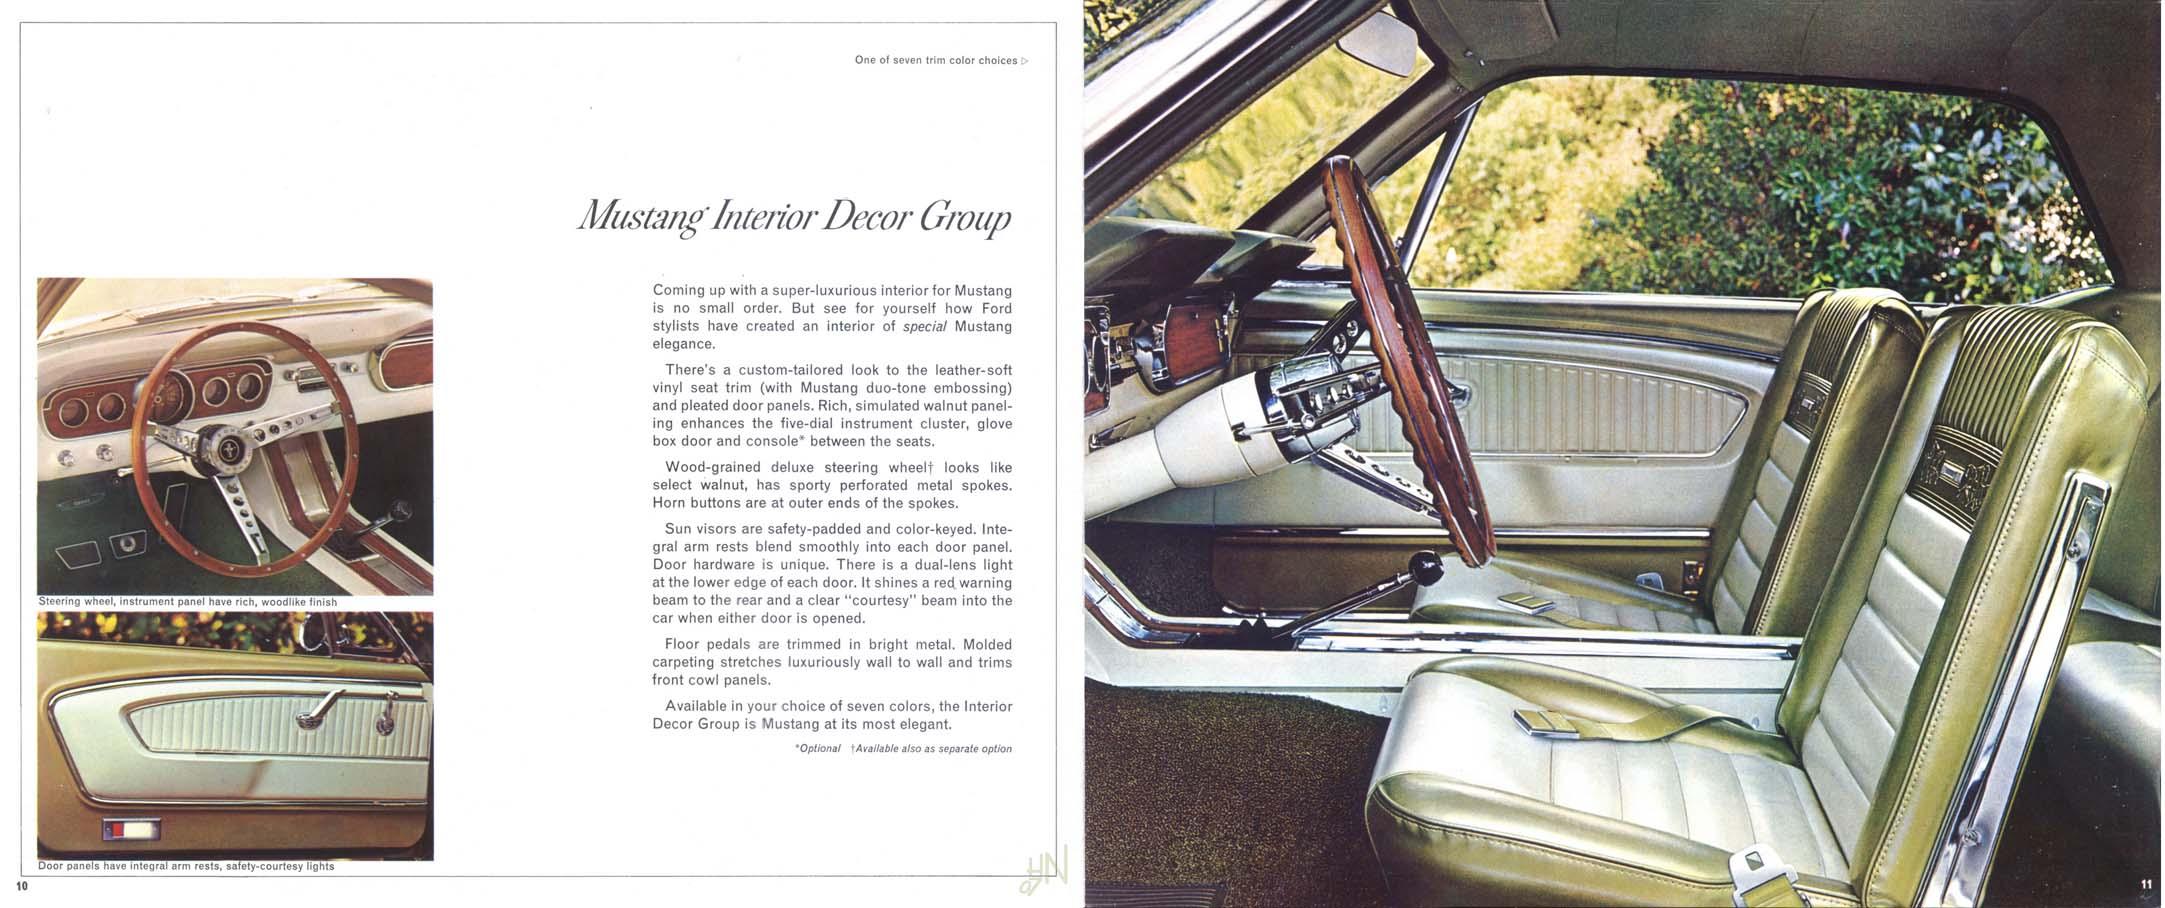 1965 Mustang Prospekt Seite 10-11